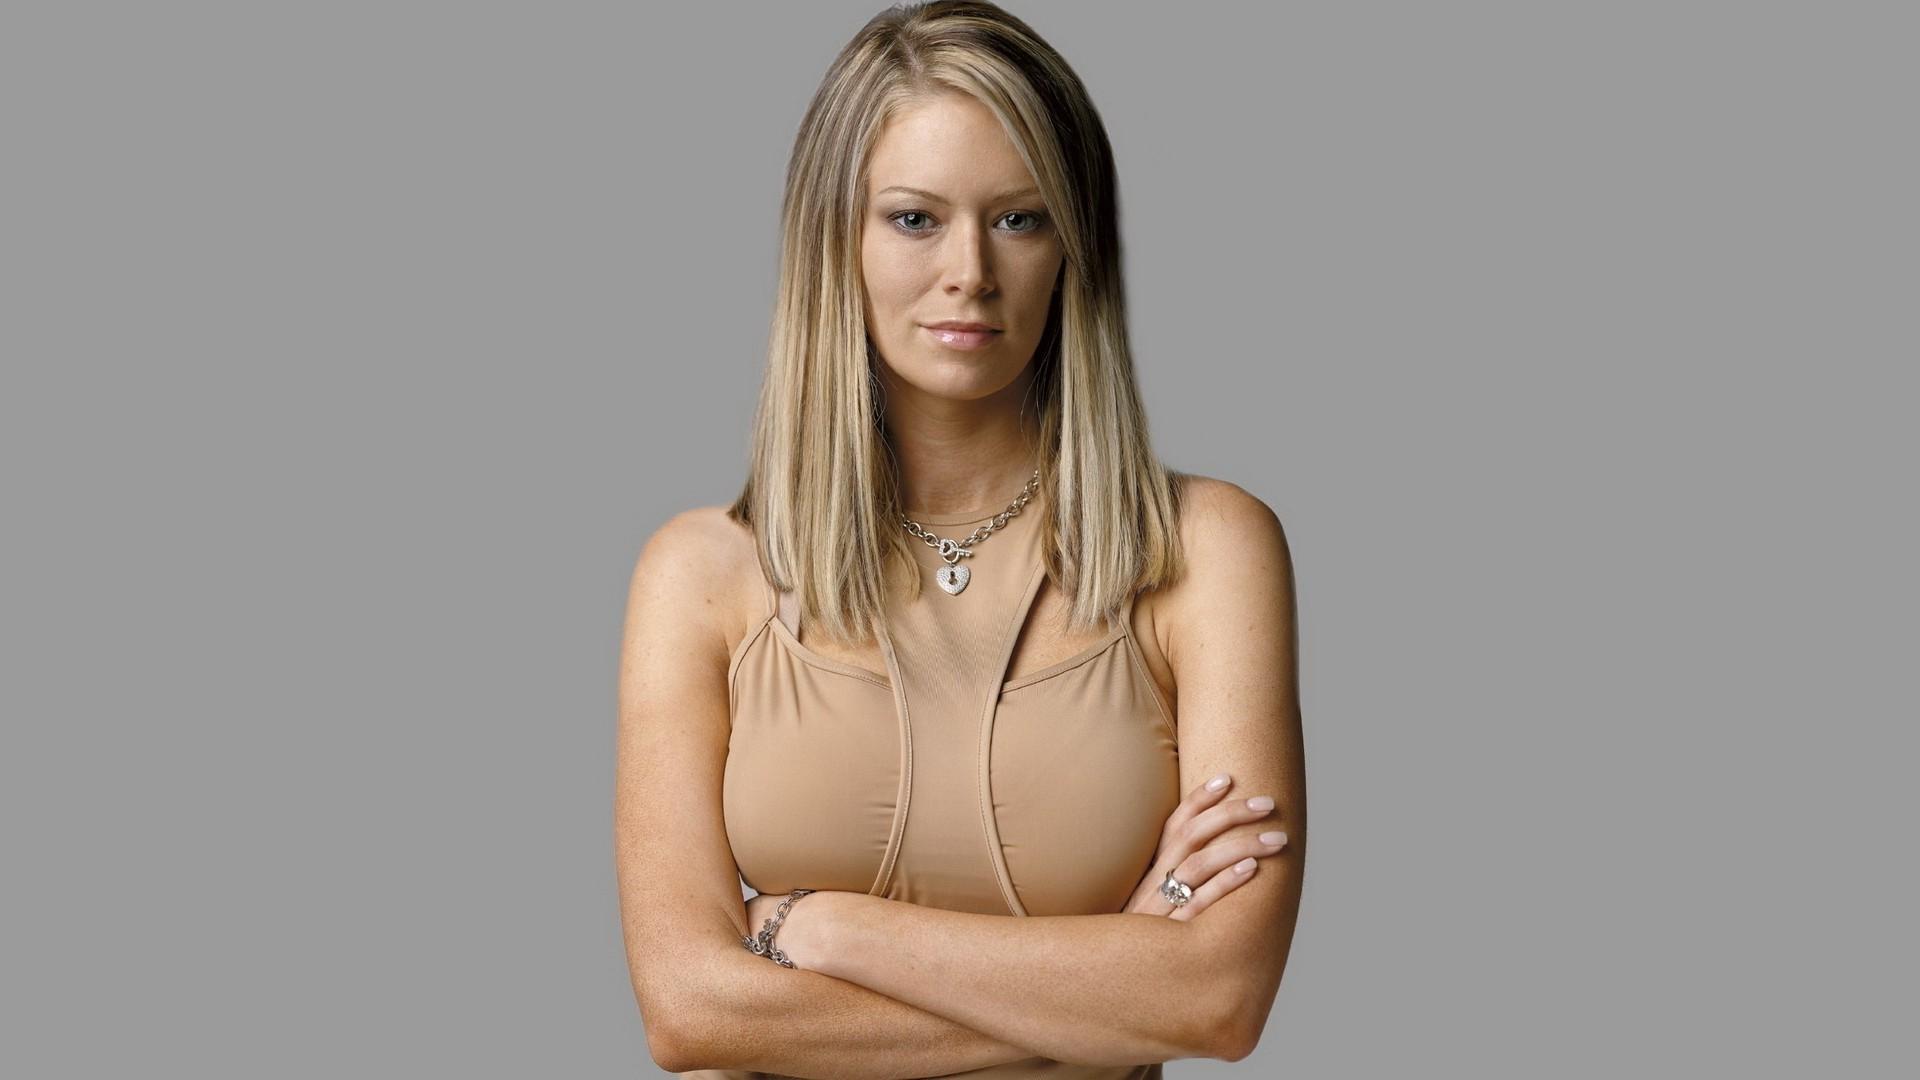 Jenna dickerson — 1